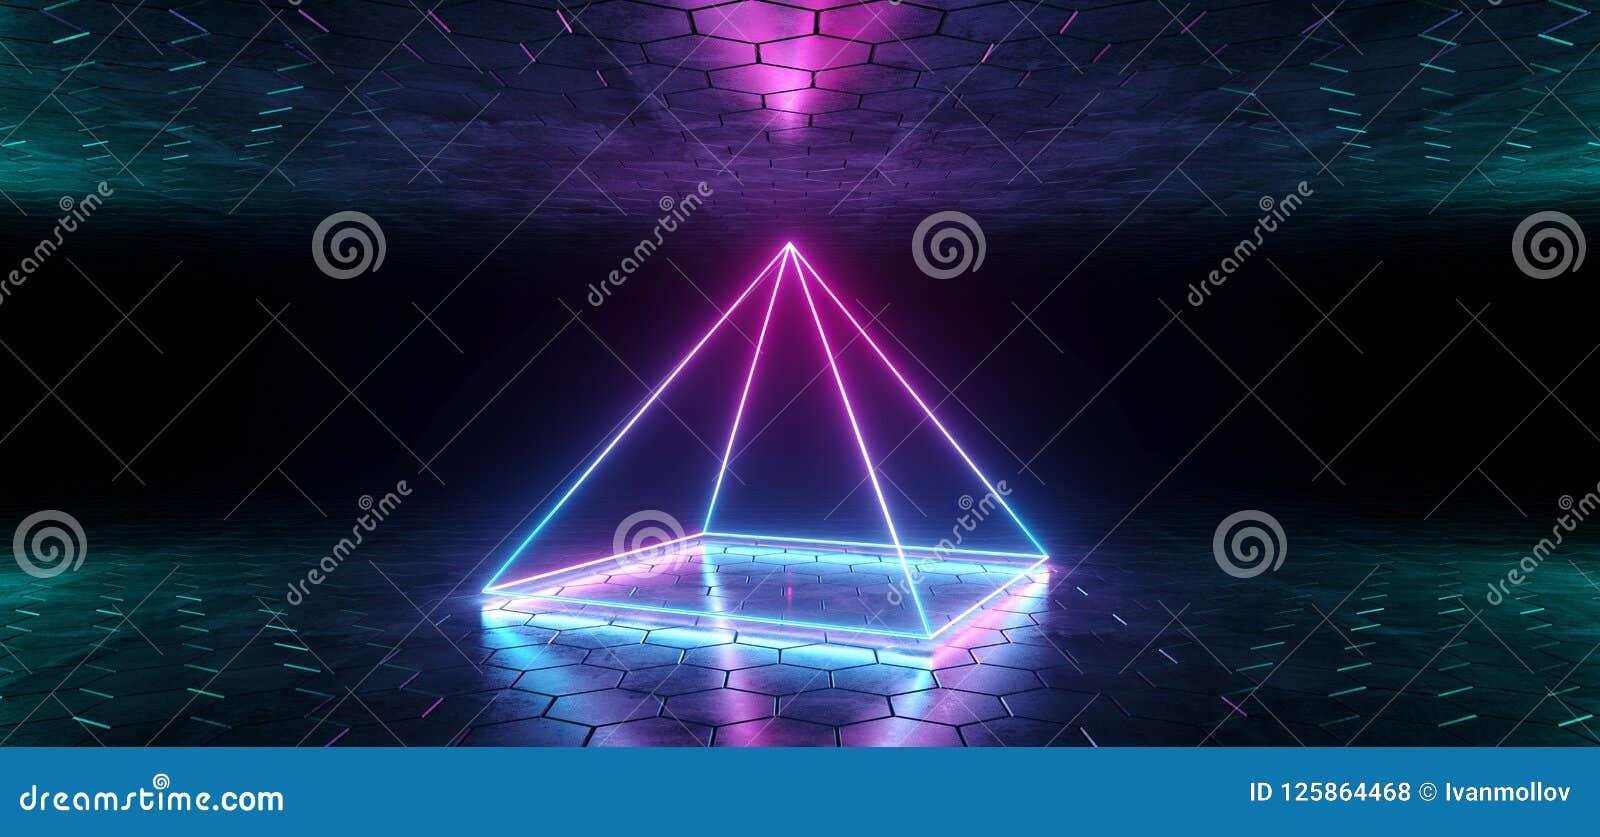 未来派科学幻想小说蓝色紫色发光的氖灯金字塔形状的L